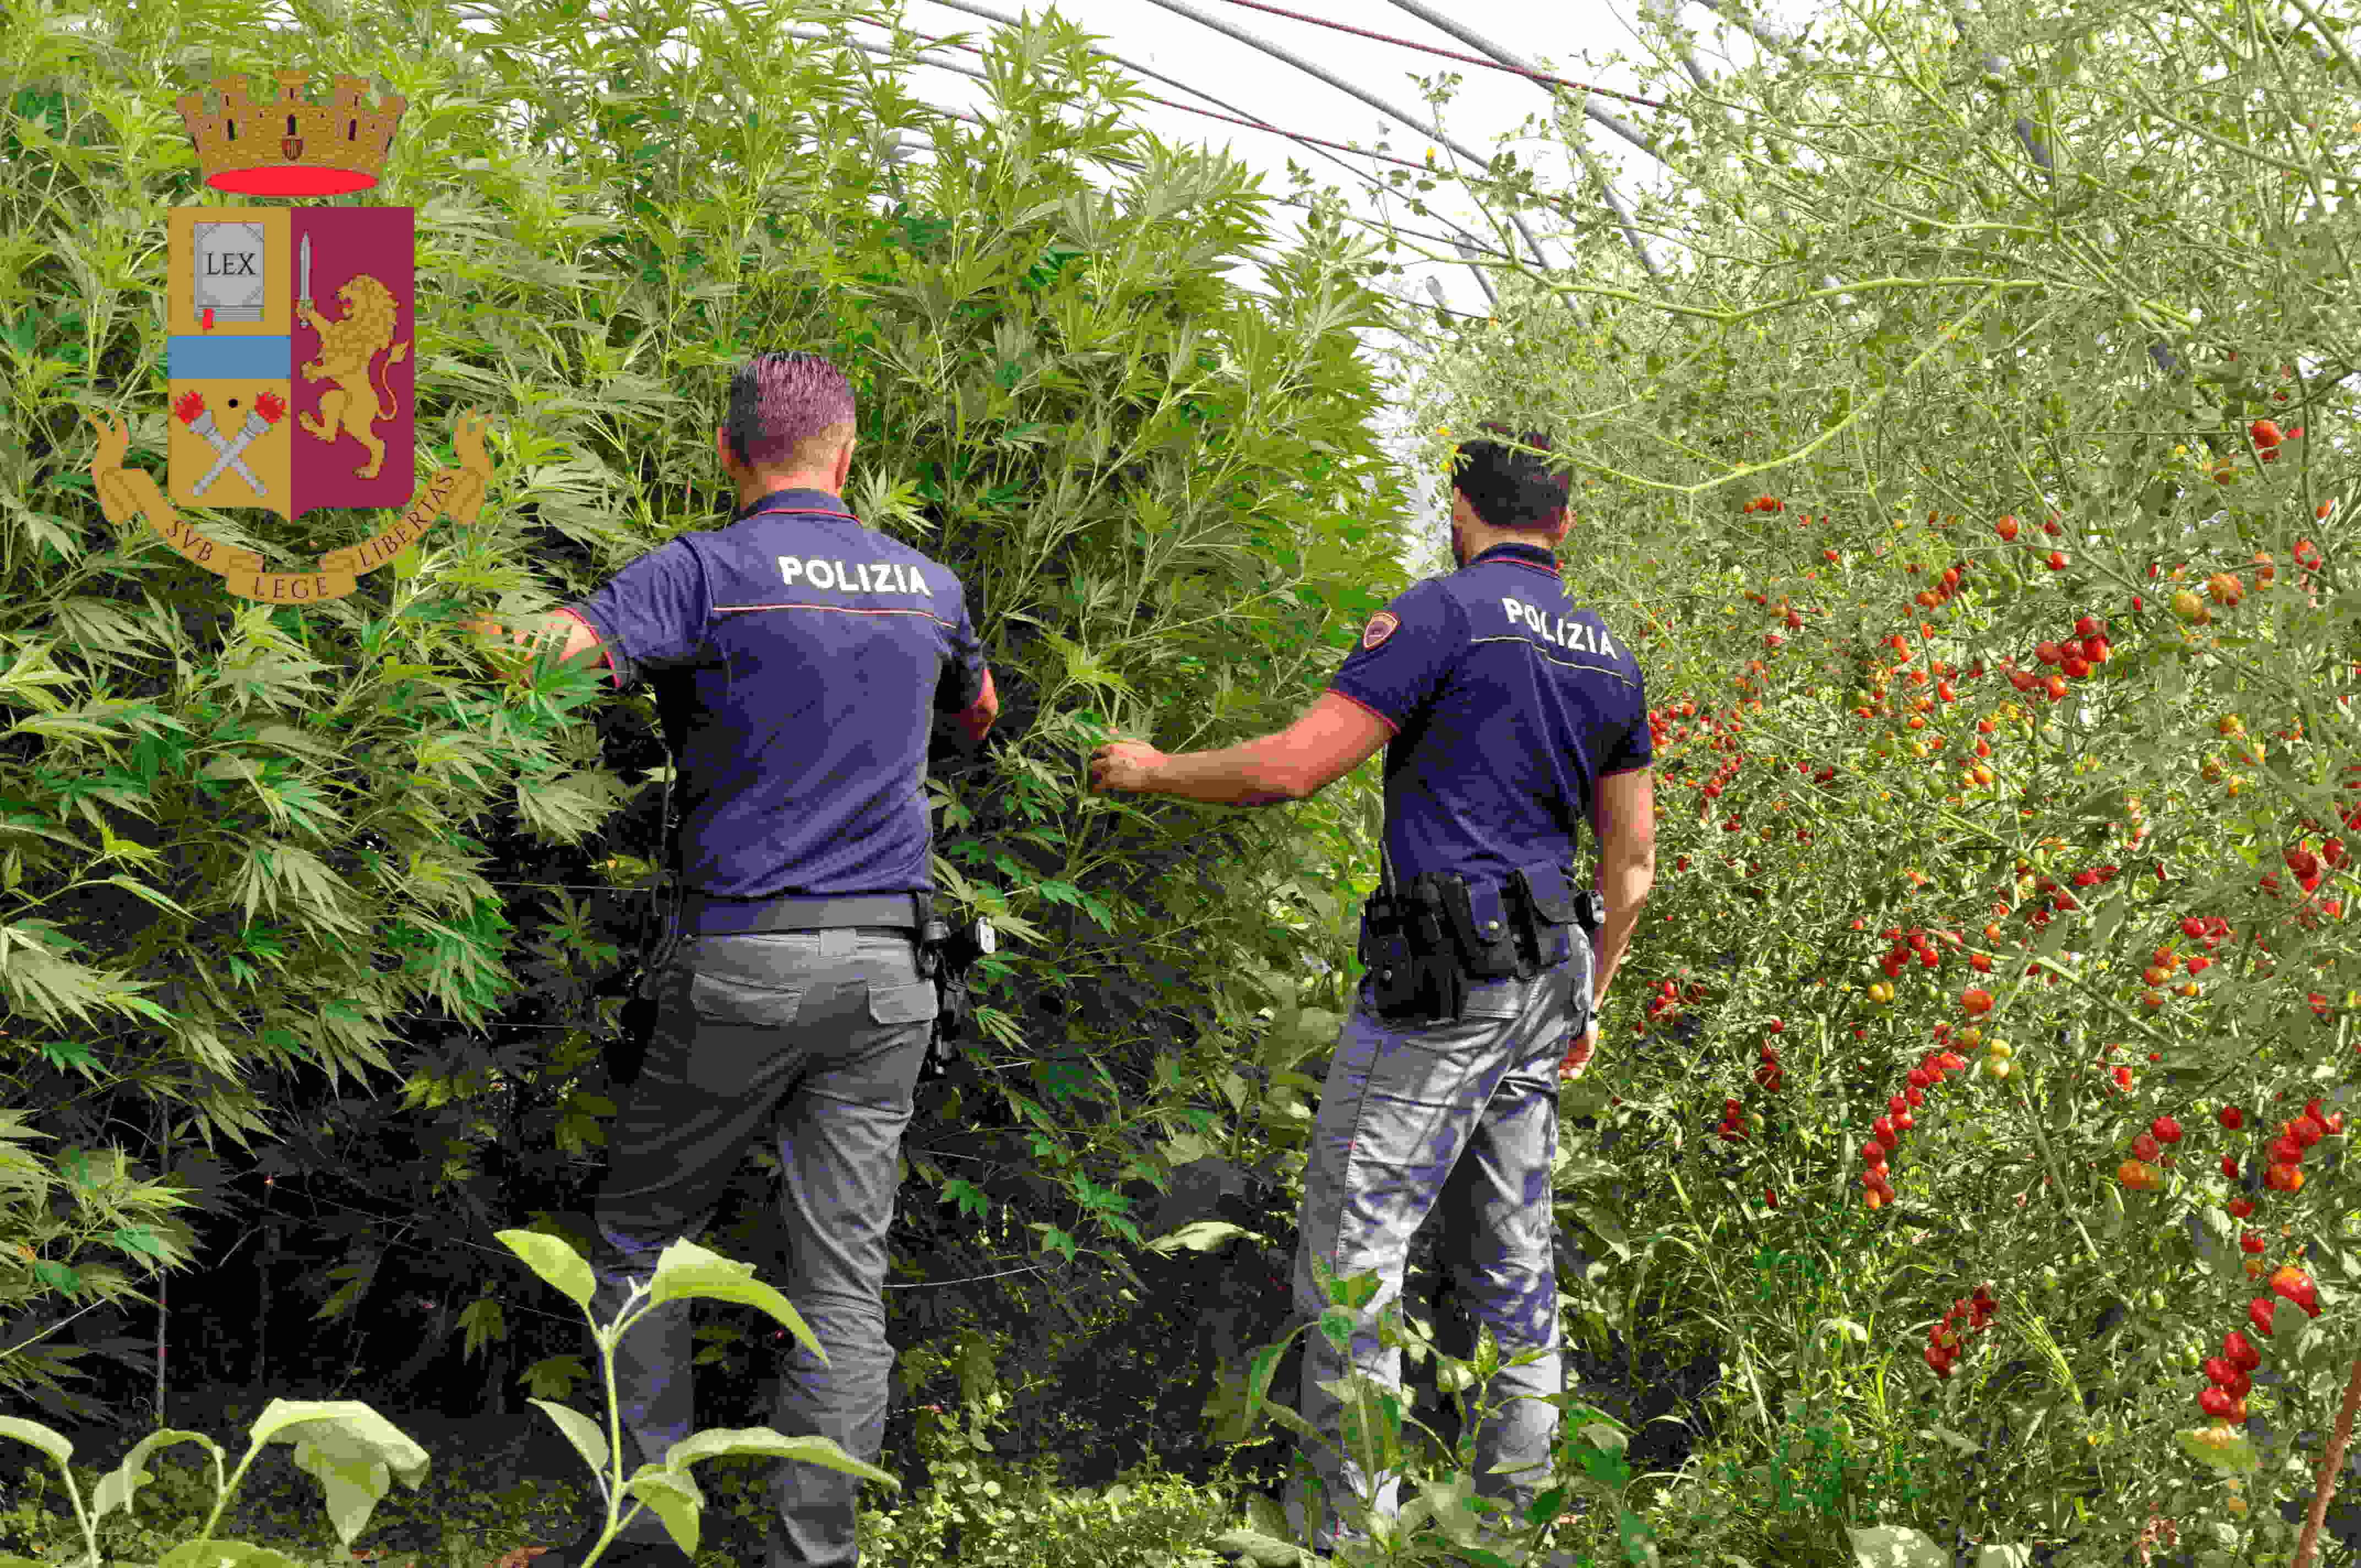 Ufficio Lavoro Jesolo : Jesolo scoperta piantagione di marijuana in una azienda di